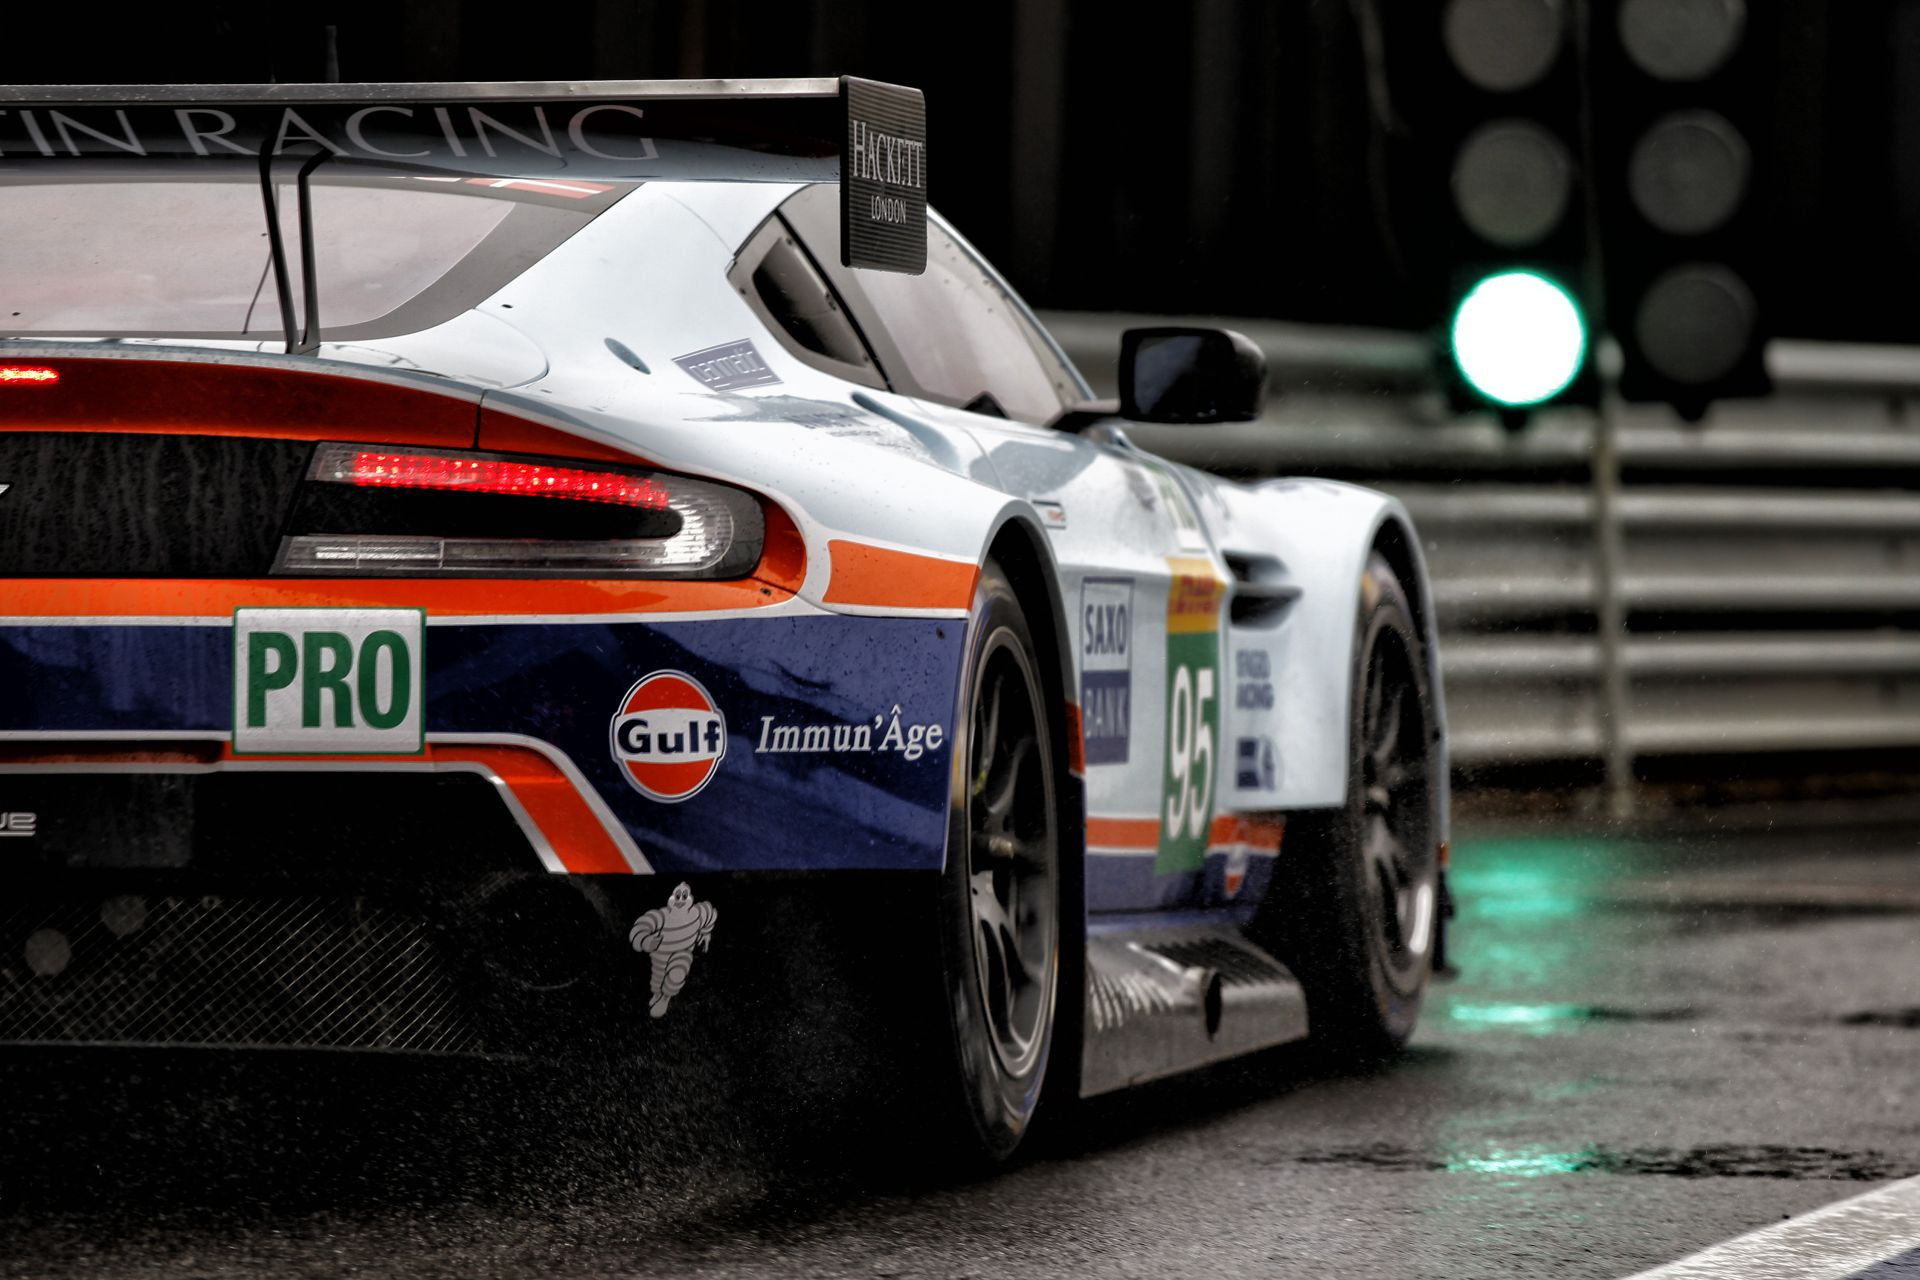 Az Aston Martin érkezésével nagyon komoly támogatói lehetnek a Force Indiának